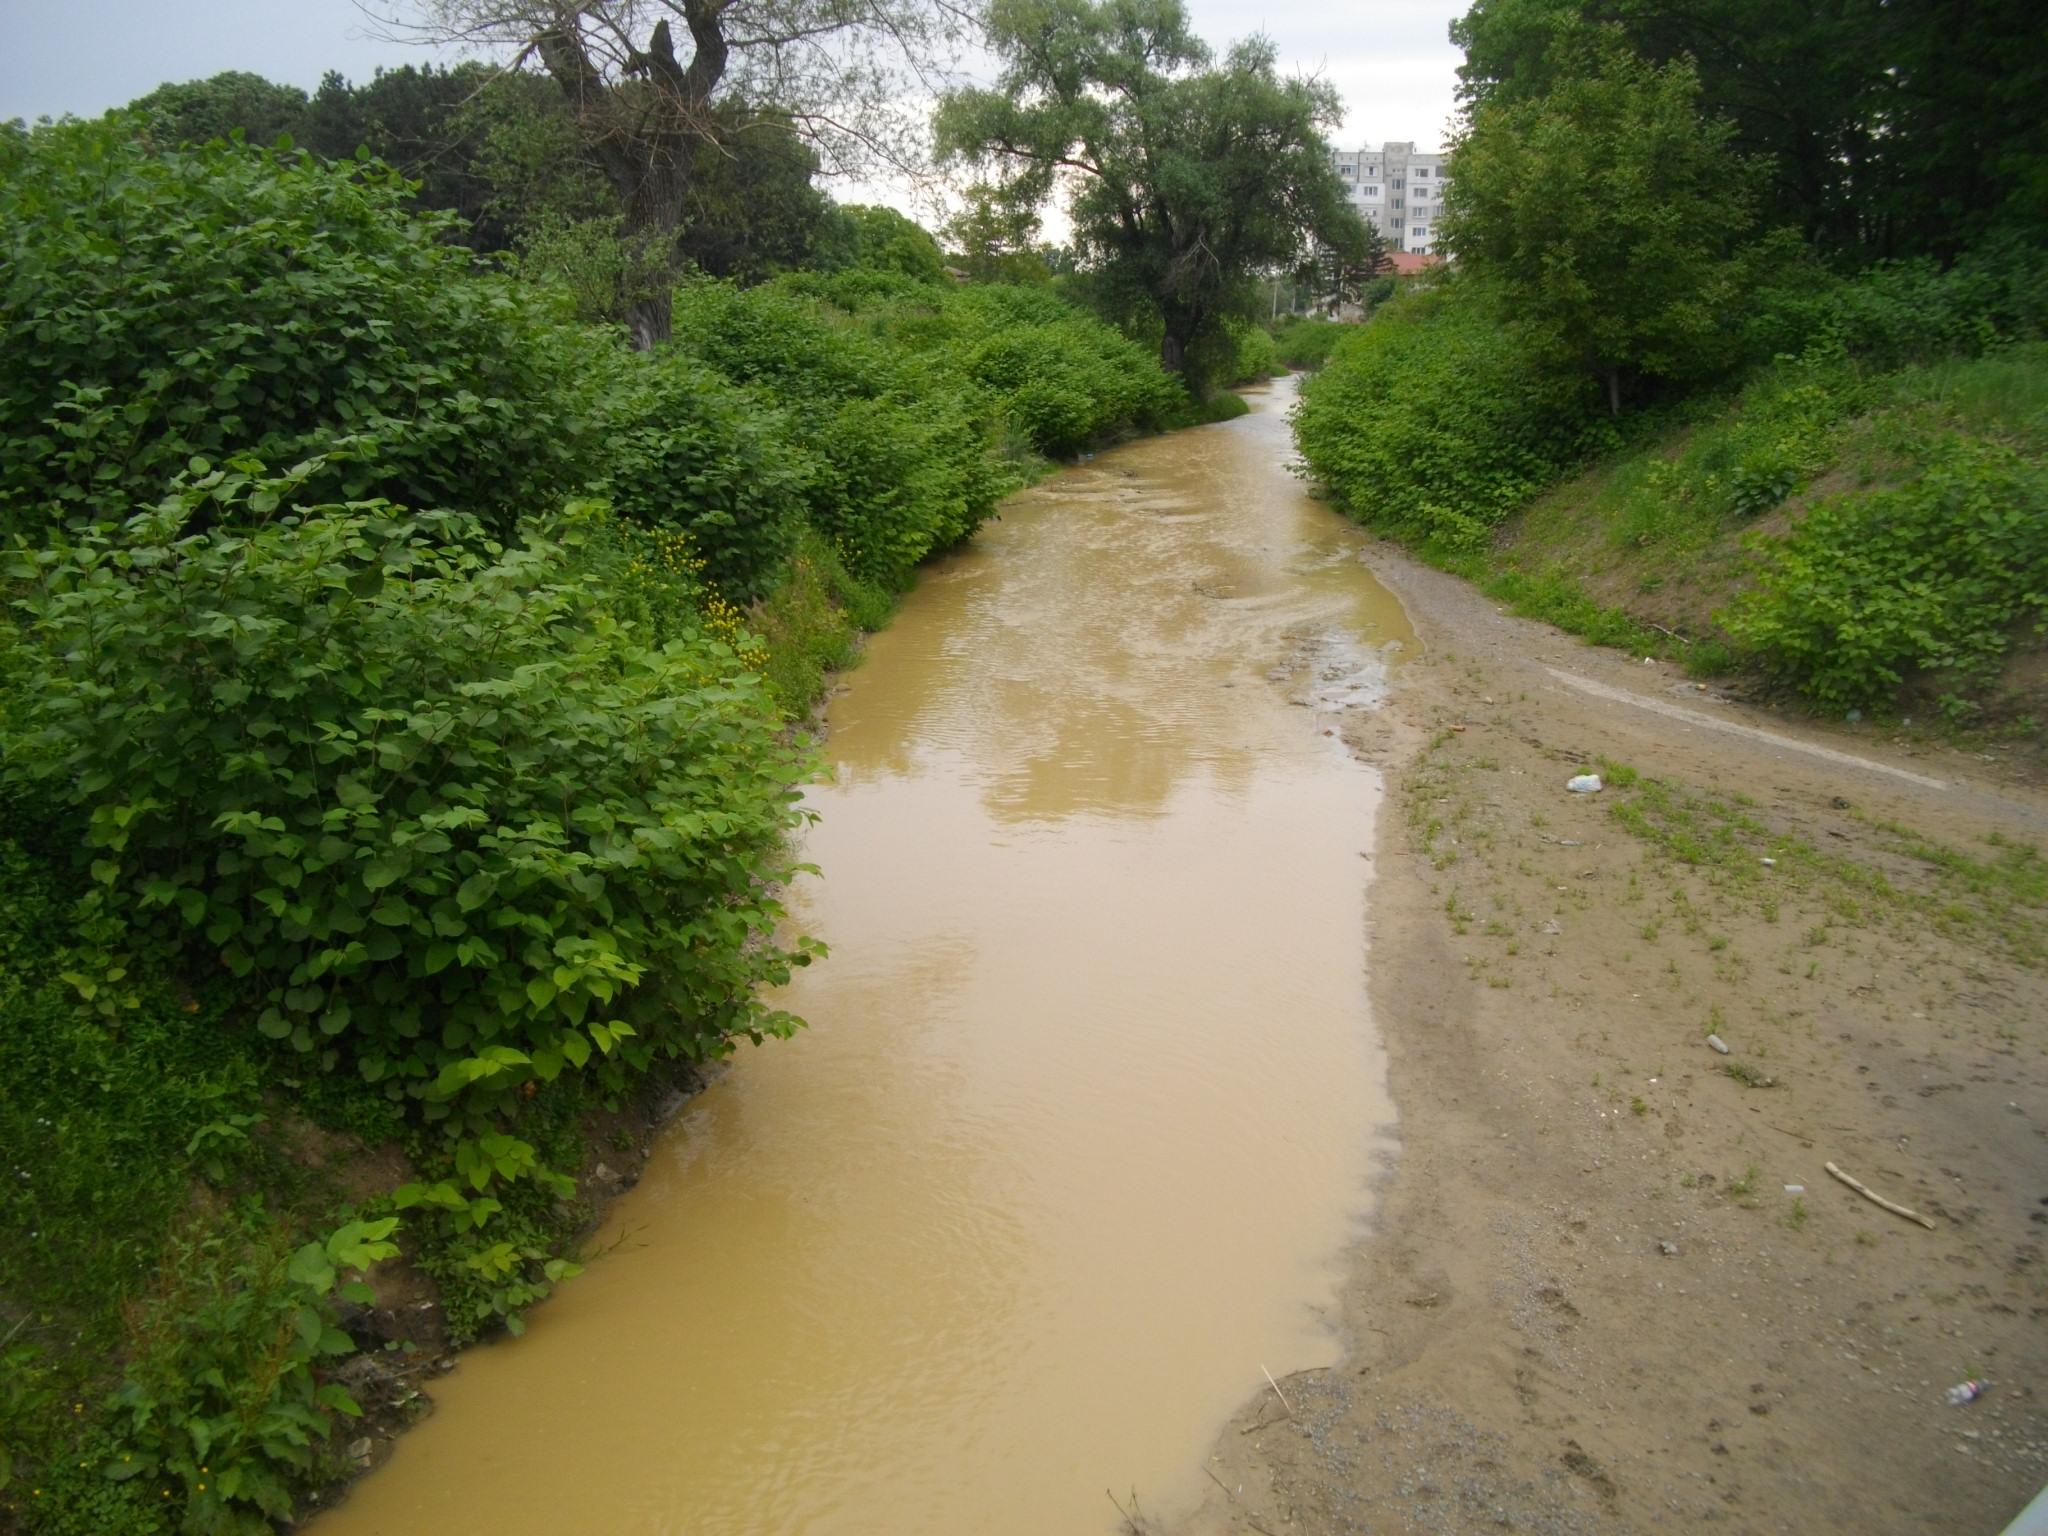 Сигнали за наводнени ниски части на жилища и паднали дървета са подадени в Областния щаб за реакция при бедствия и аварии в Благоевград